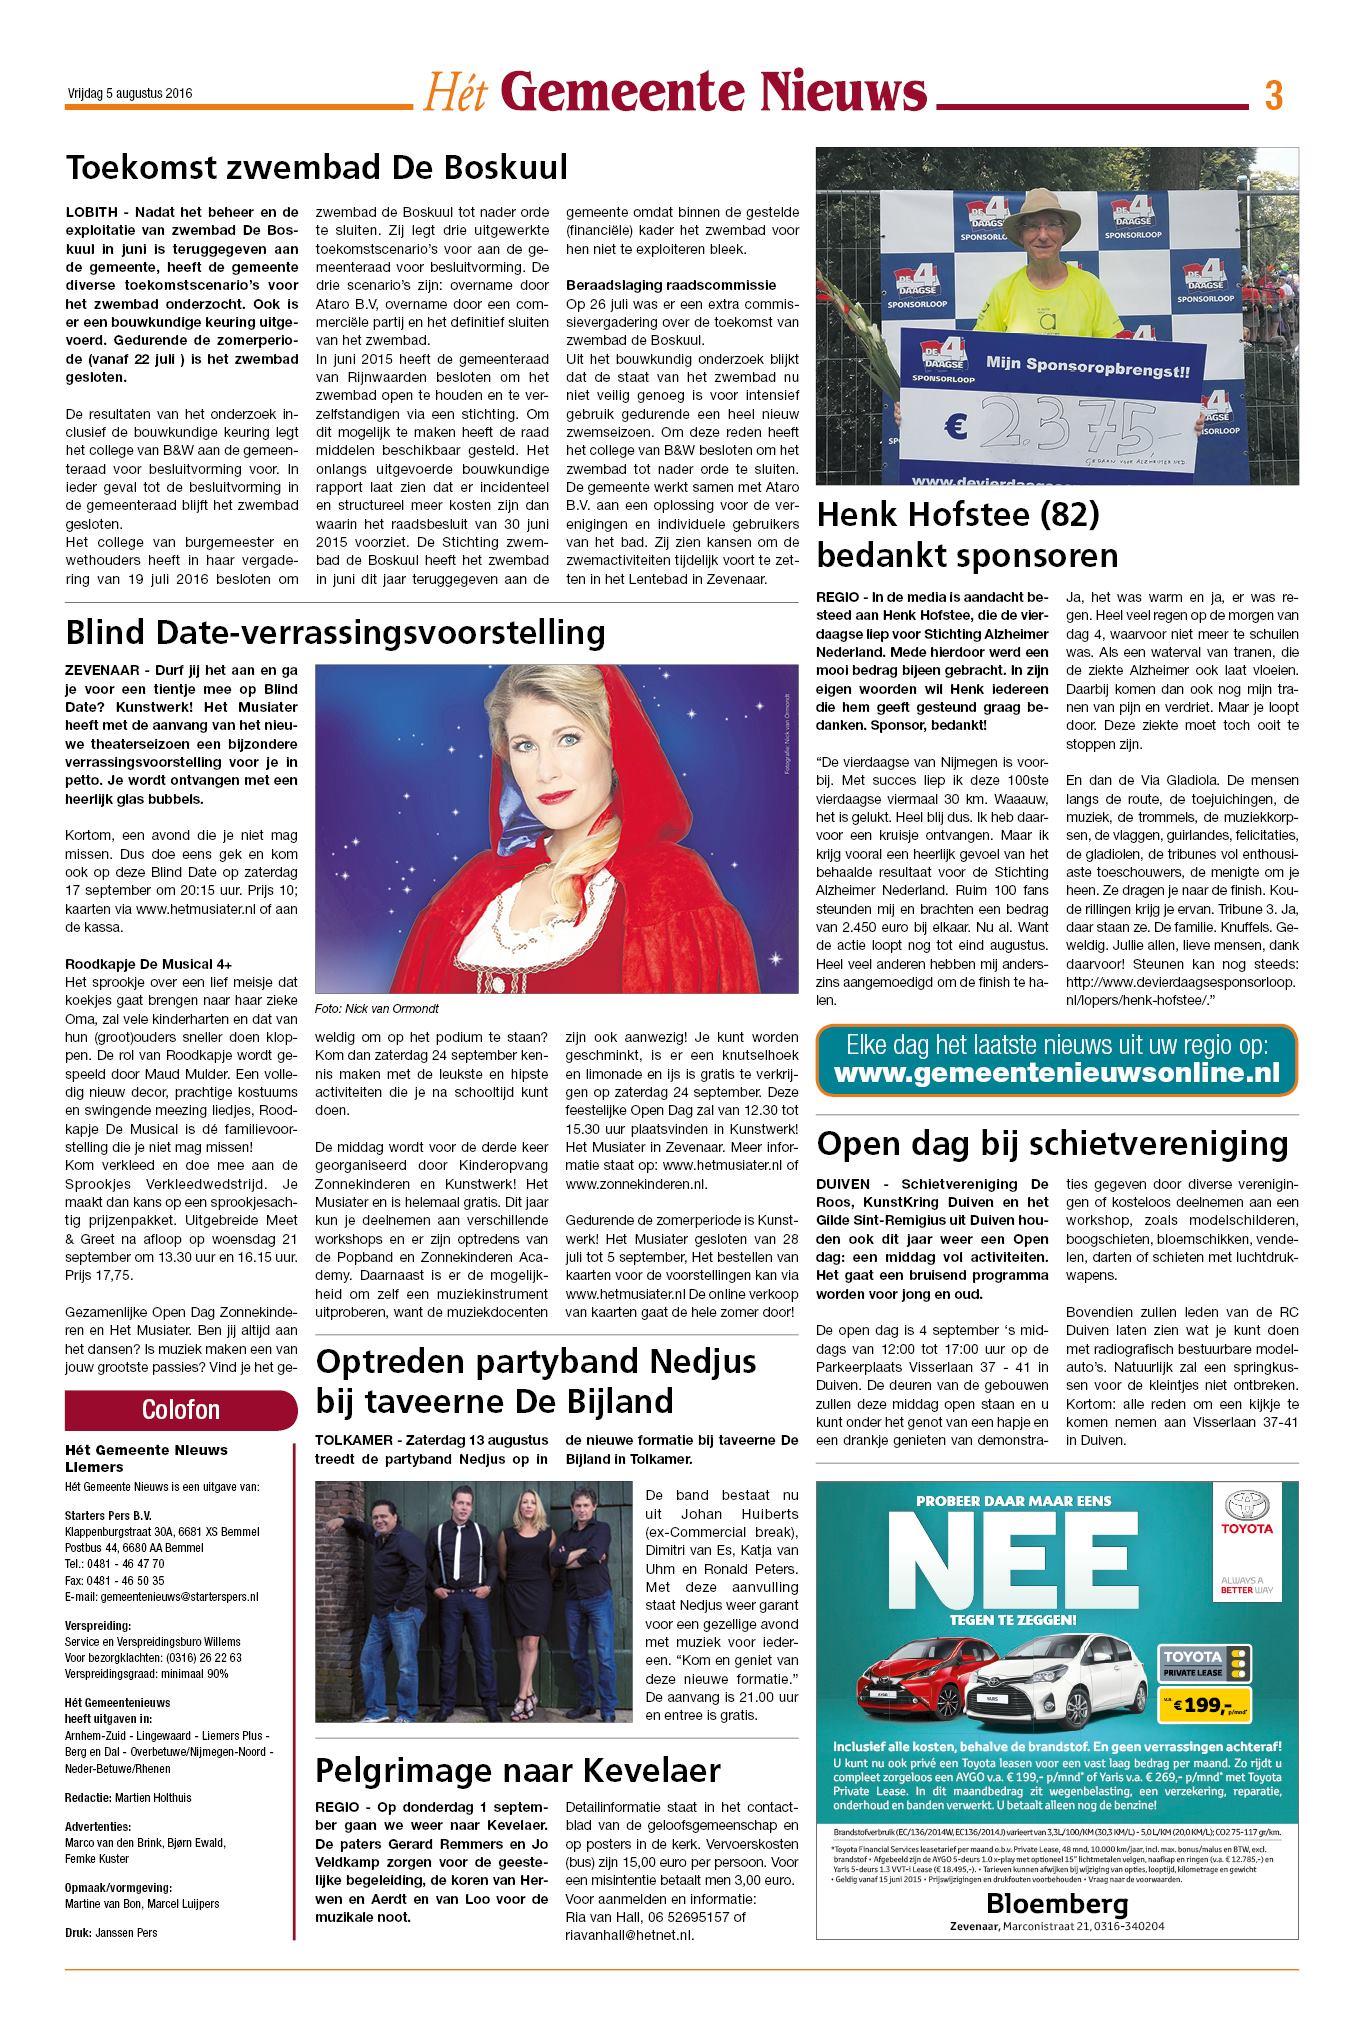 Massage In Delft Online Daten Studenten Alleenstaande Reizen 40 De Polle.